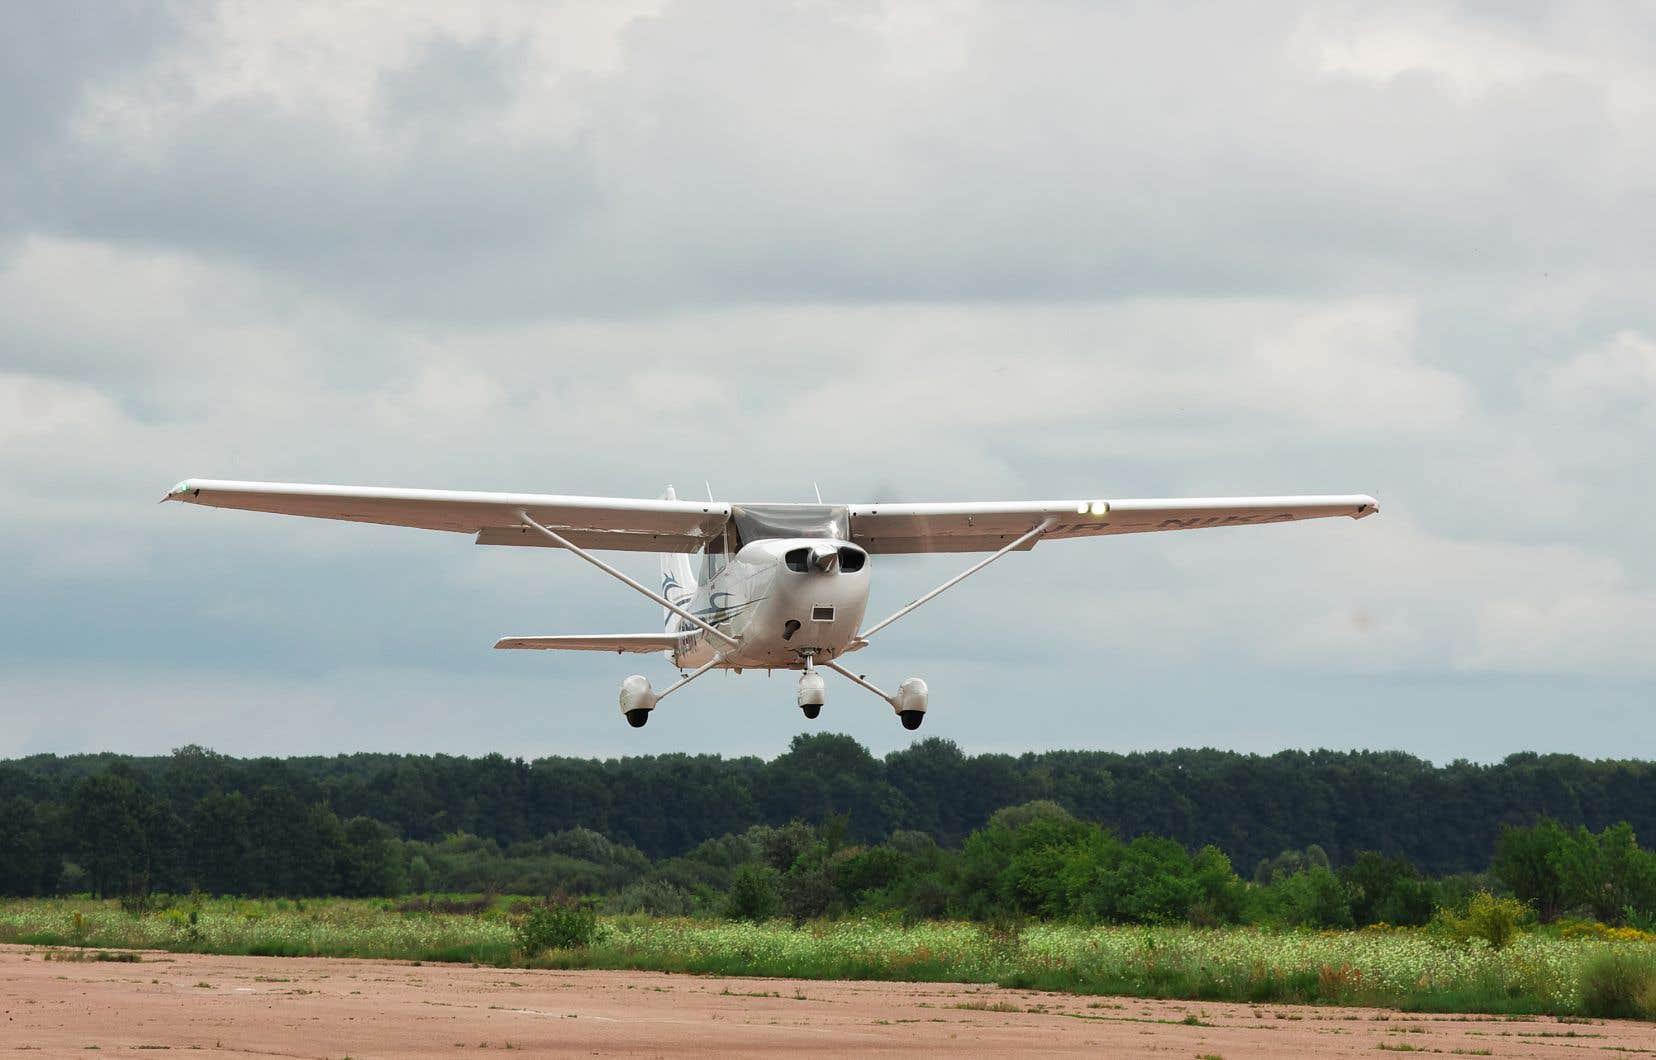 Des avions légers semblables à ce Cessna fréquentent le Centre récréatif ULM Québec, situé à Saint-Cuthbert.